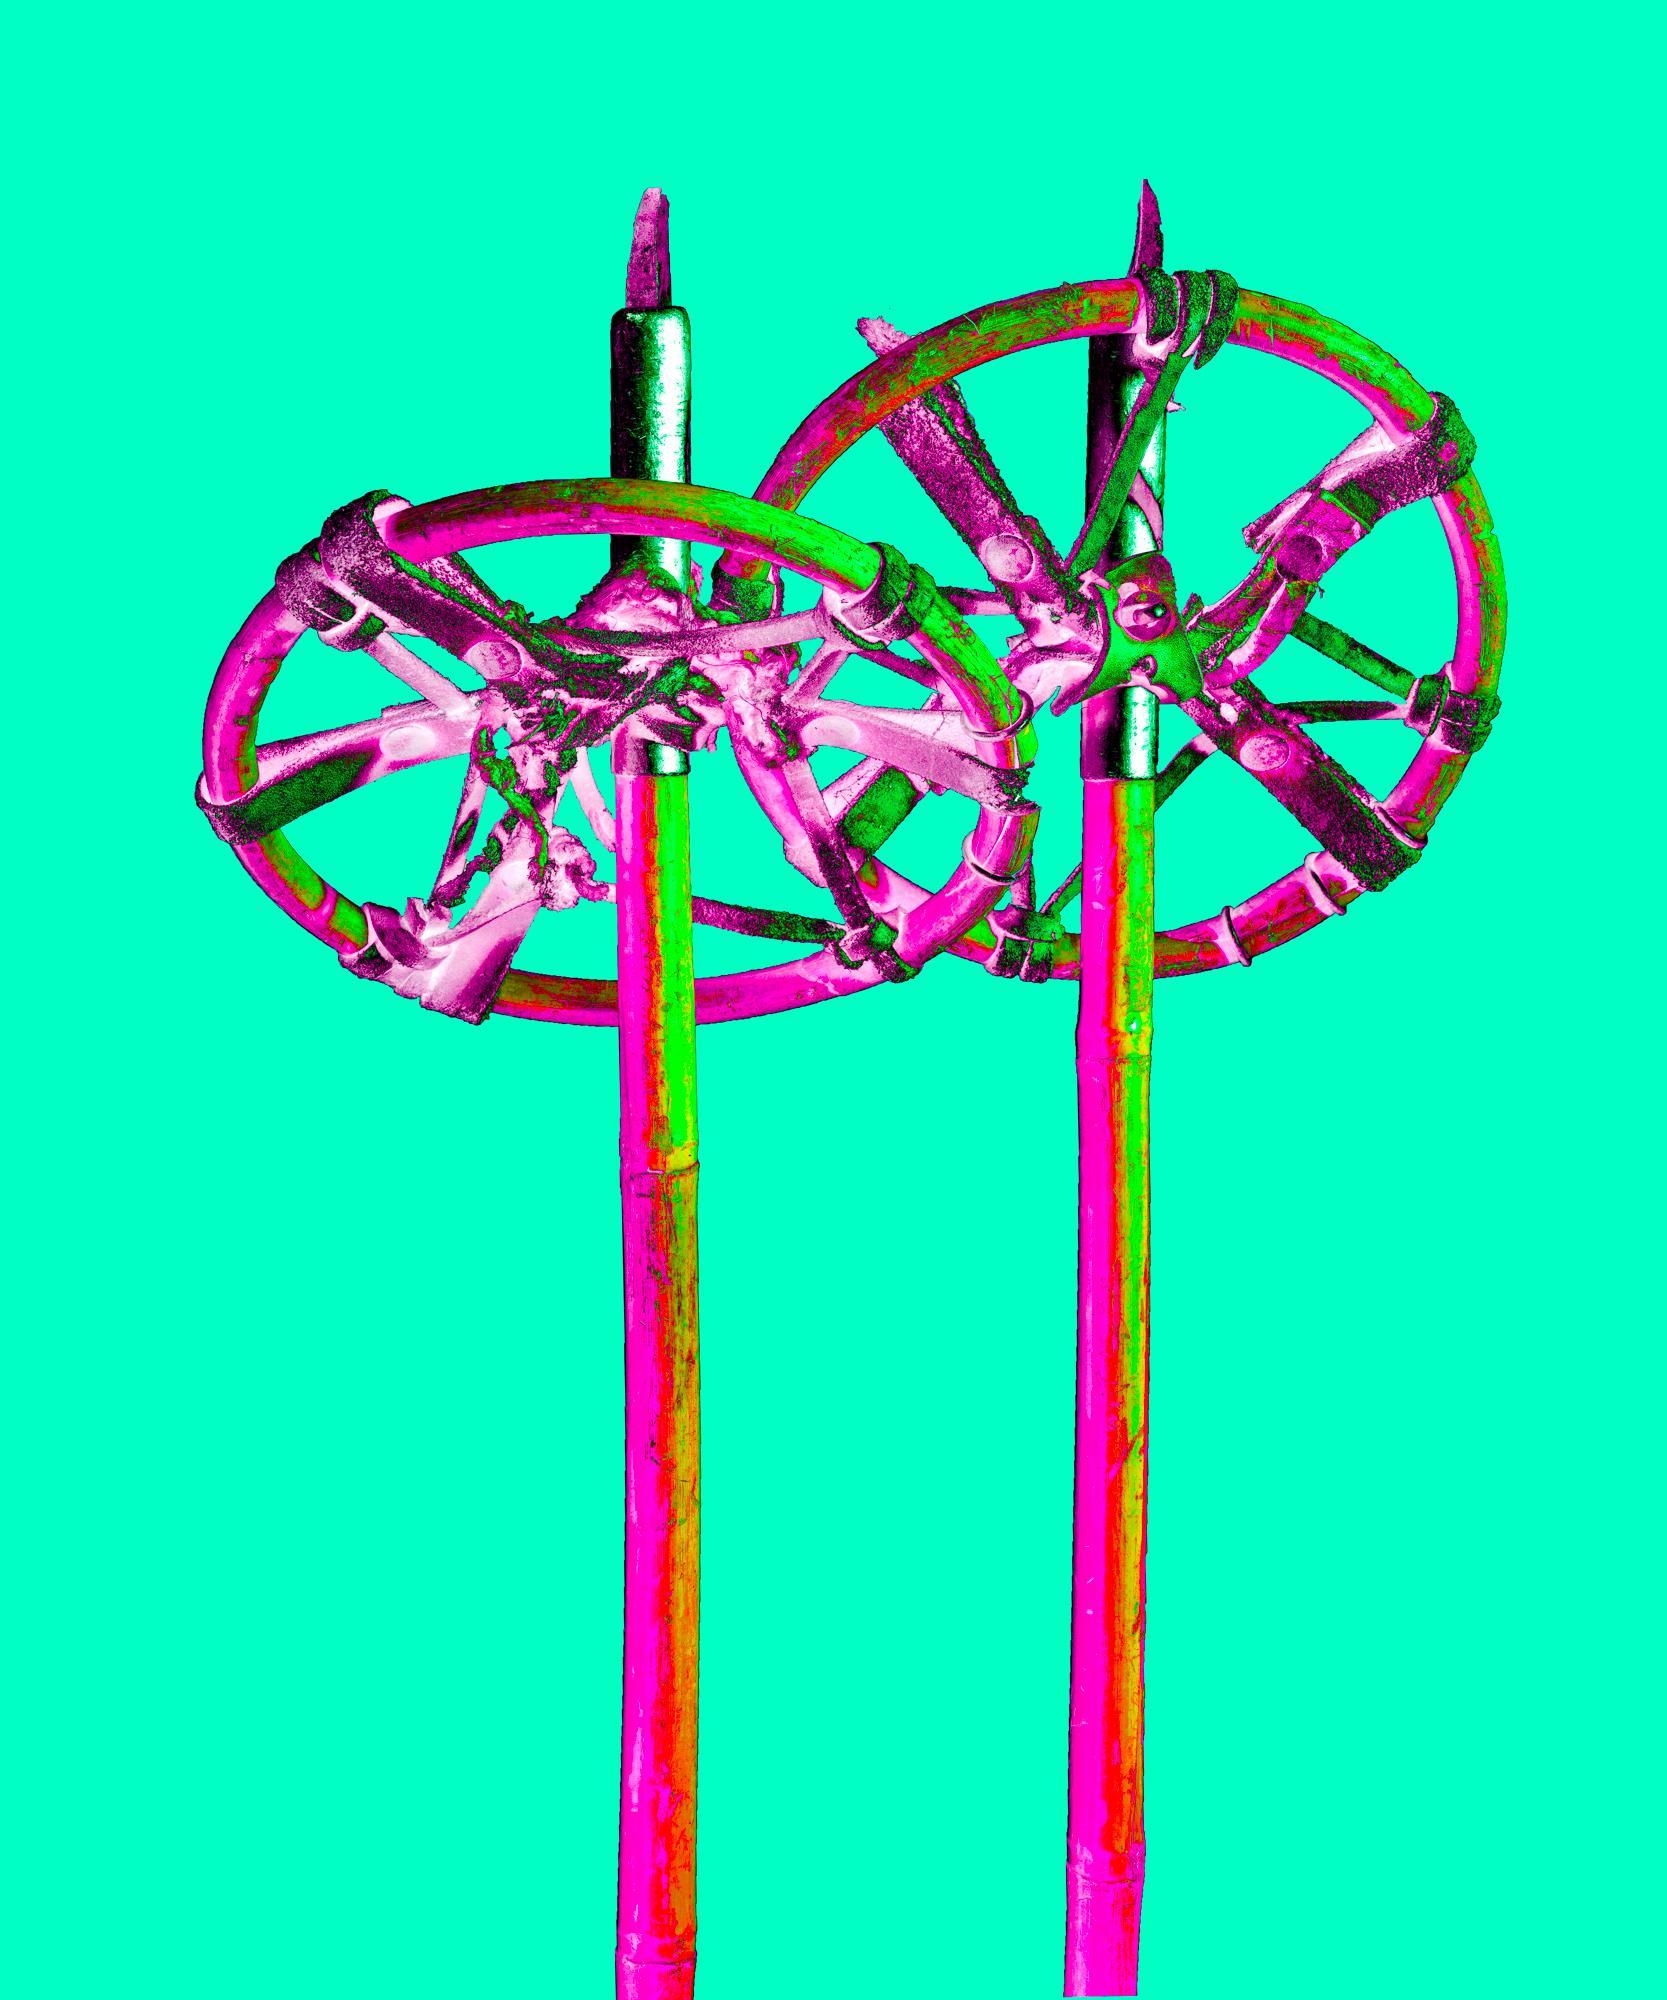 THE SPARKLING ALPS ICONS Nr. 18, 2014, 60 x 50 cm, Ed. 8, Ski Sticks